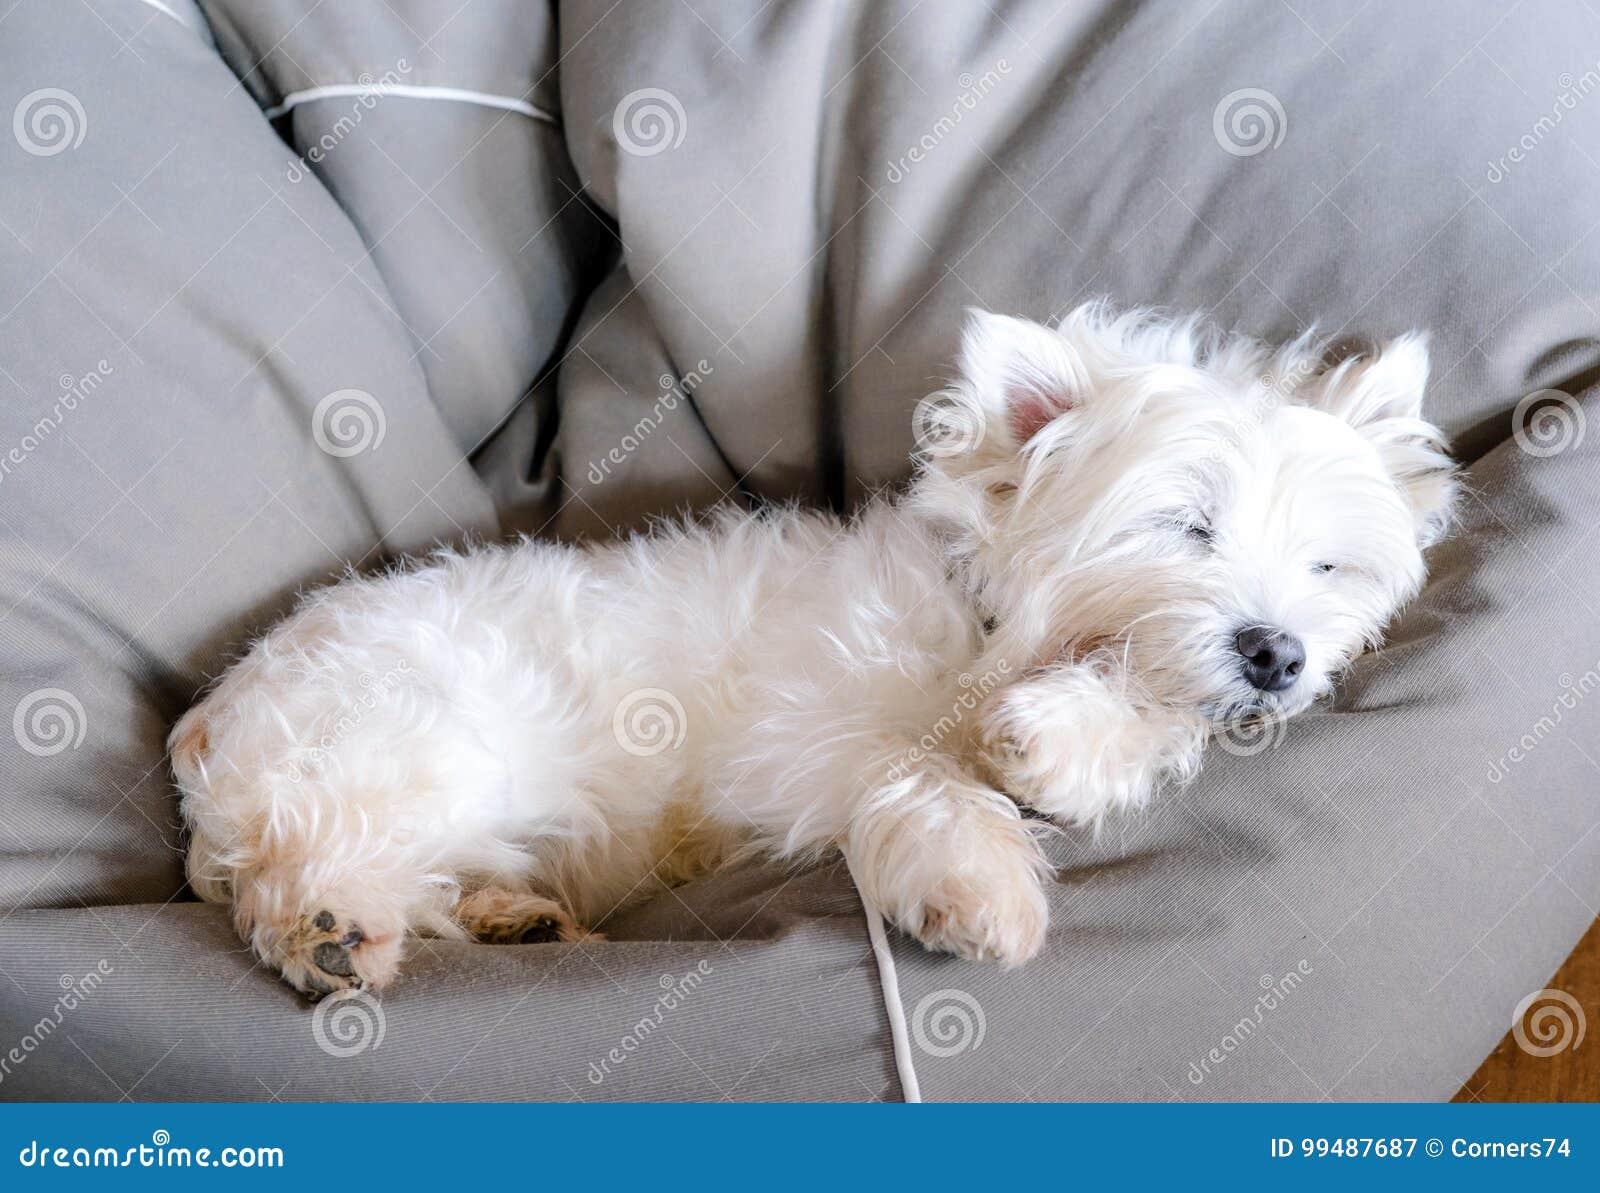 Senior west highland white terrier westie dog sleeping in a bean